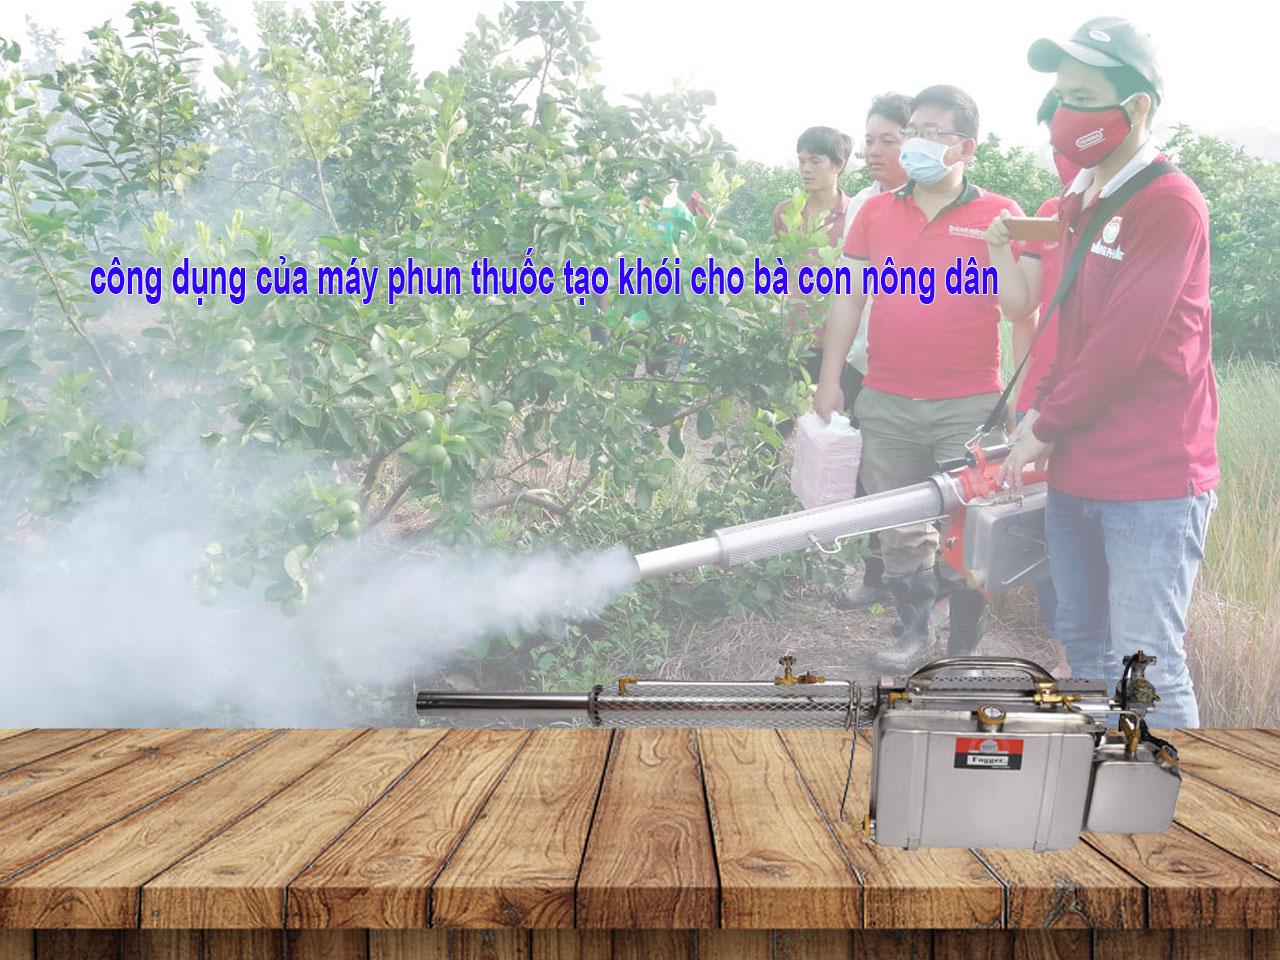 Công dụng của máy phun khói cho bà con nông dân